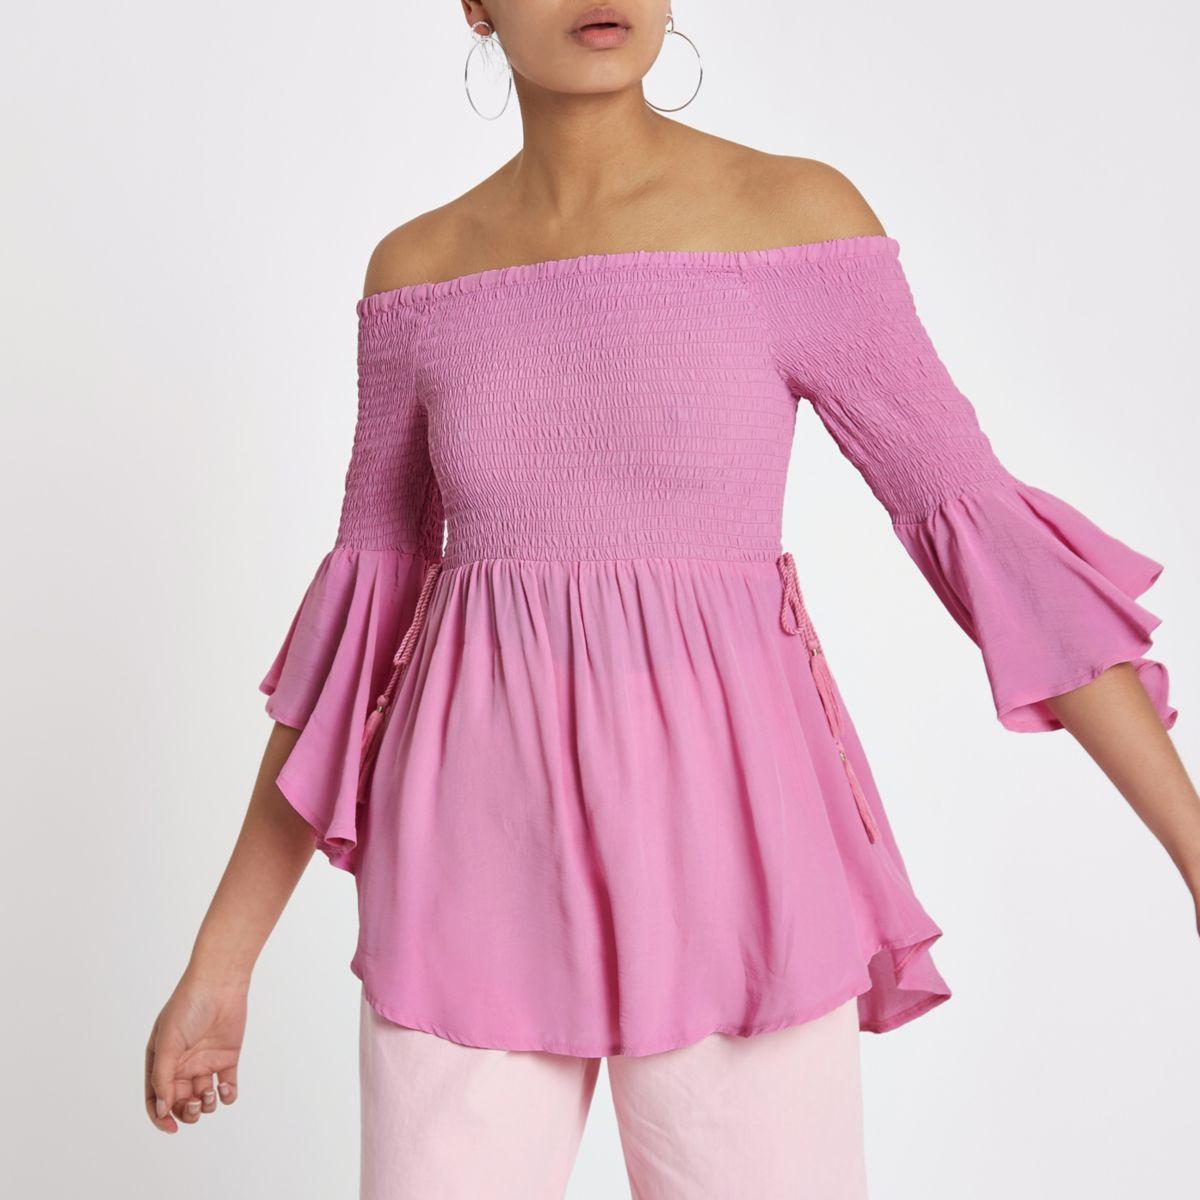 Pink shirred bardot frill sleeve top